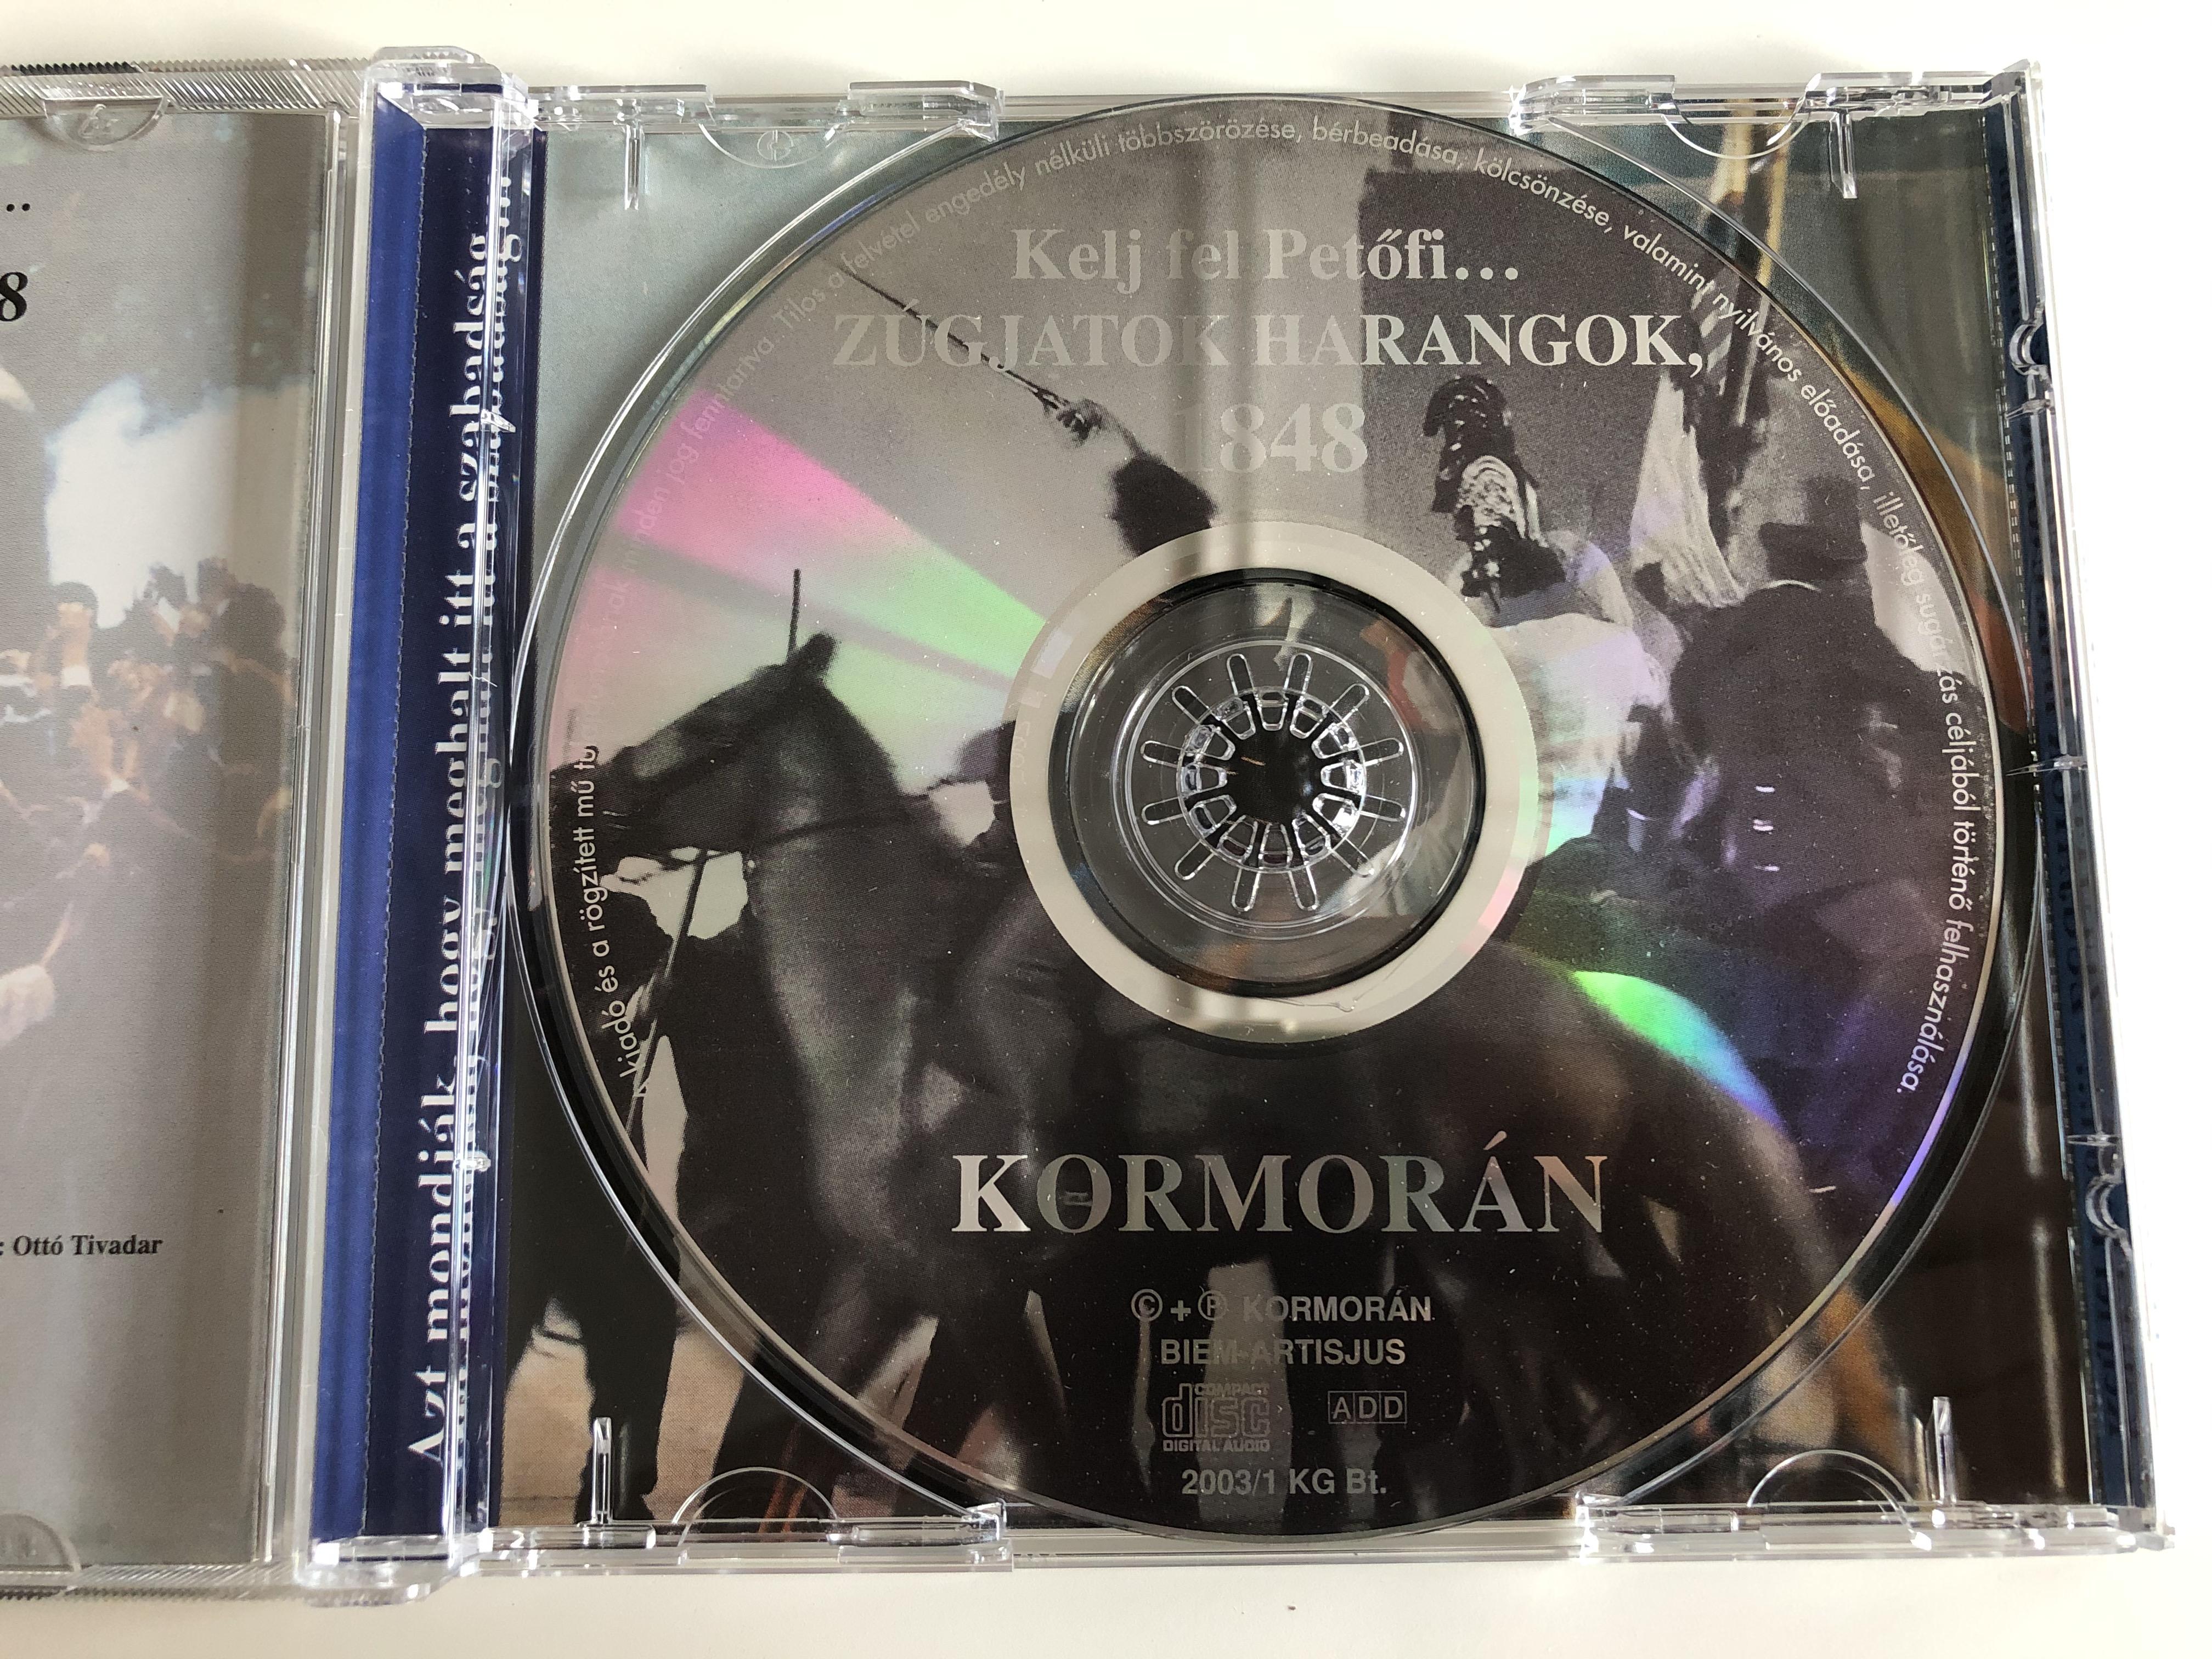 kelj-fel-pet-fi-reszletek-z-gjatok-harangok-1848-kormor-n-kormoran-audio-cd-2003-4-.jpg